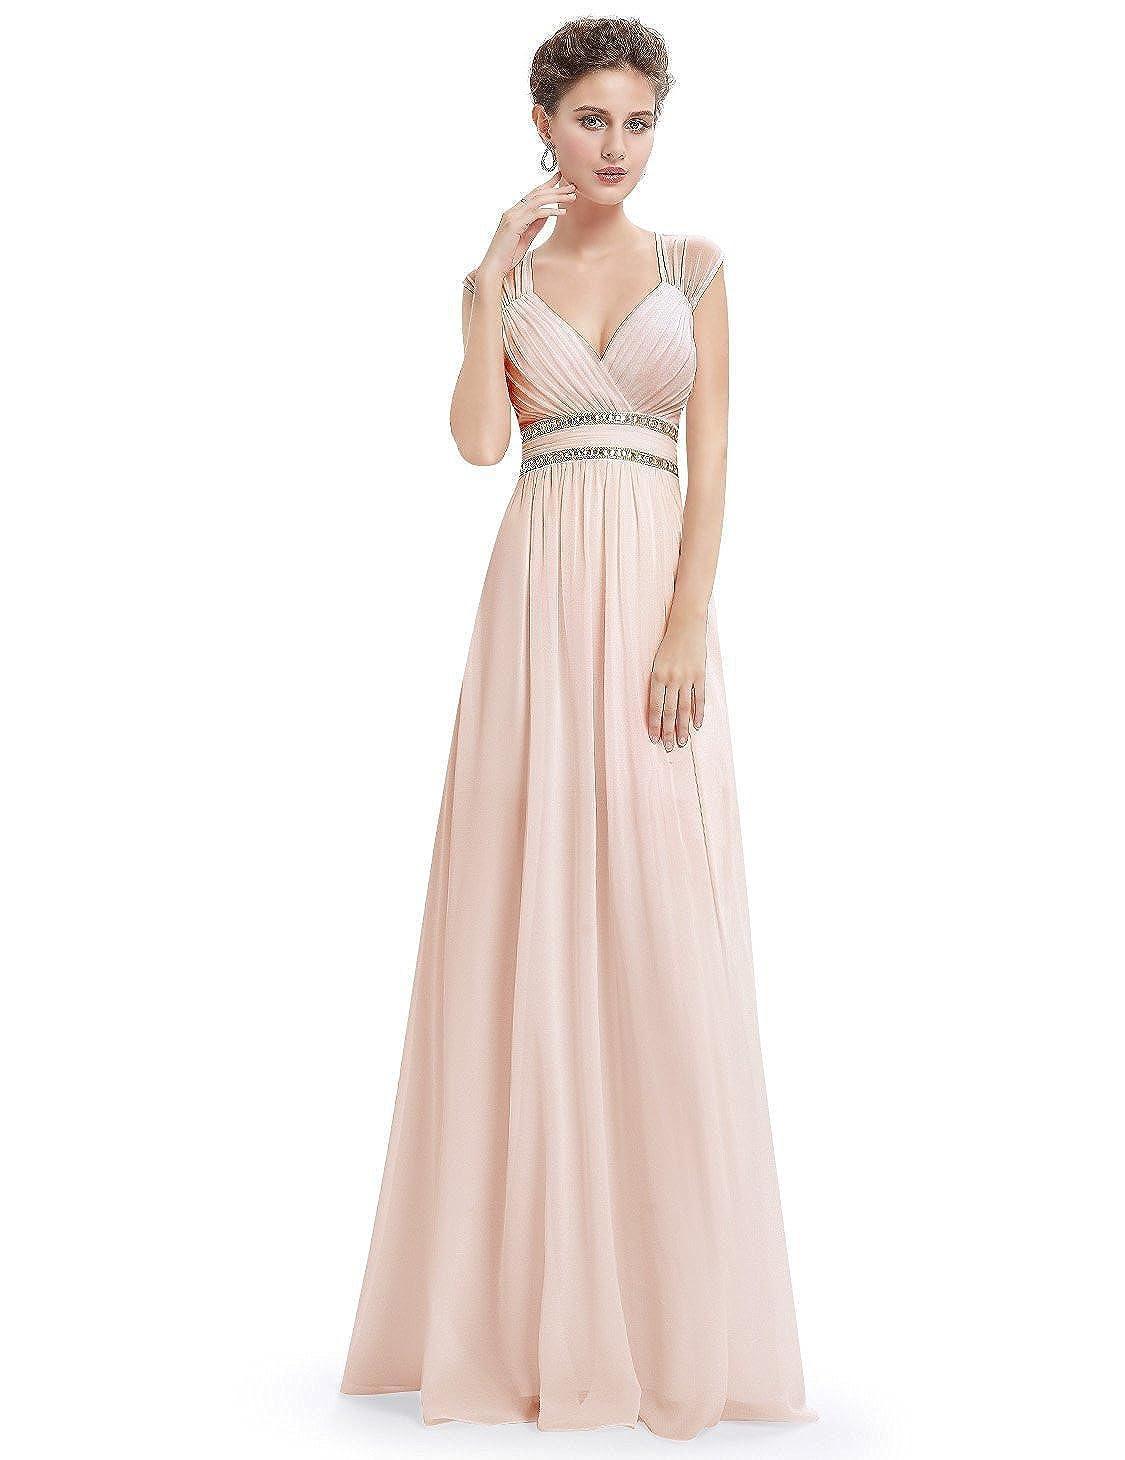 女性のイブニングドレス/Vネックダブルショルダートーストの服/シフォン年次ミーティングコスチュームロングドレス/パーティーウエディングドレス B07FLY8CXW XL|5 5 XL